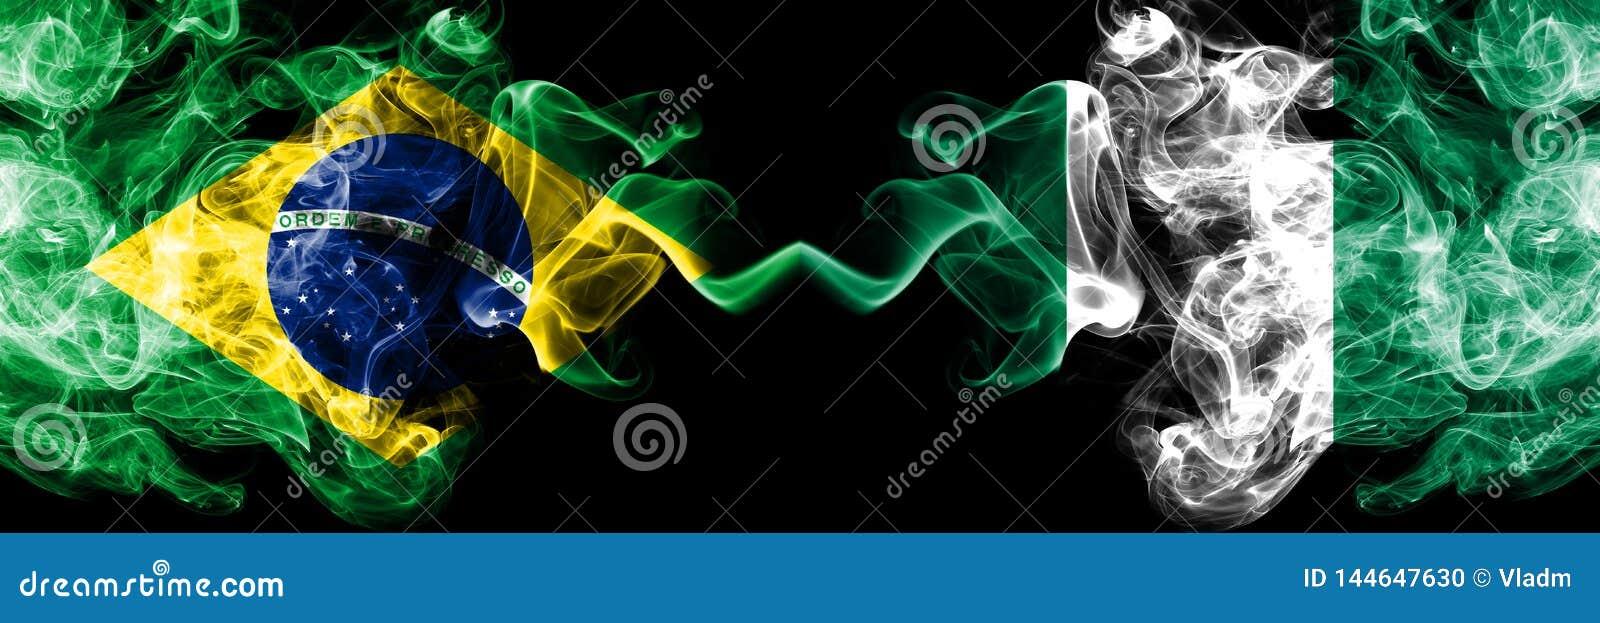 Brasilien gegen Nigeria, nigerische Rauchflaggen nebeneinander gesetzt Dicke farbige seidige Rauchflaggen des Brasilianers und de